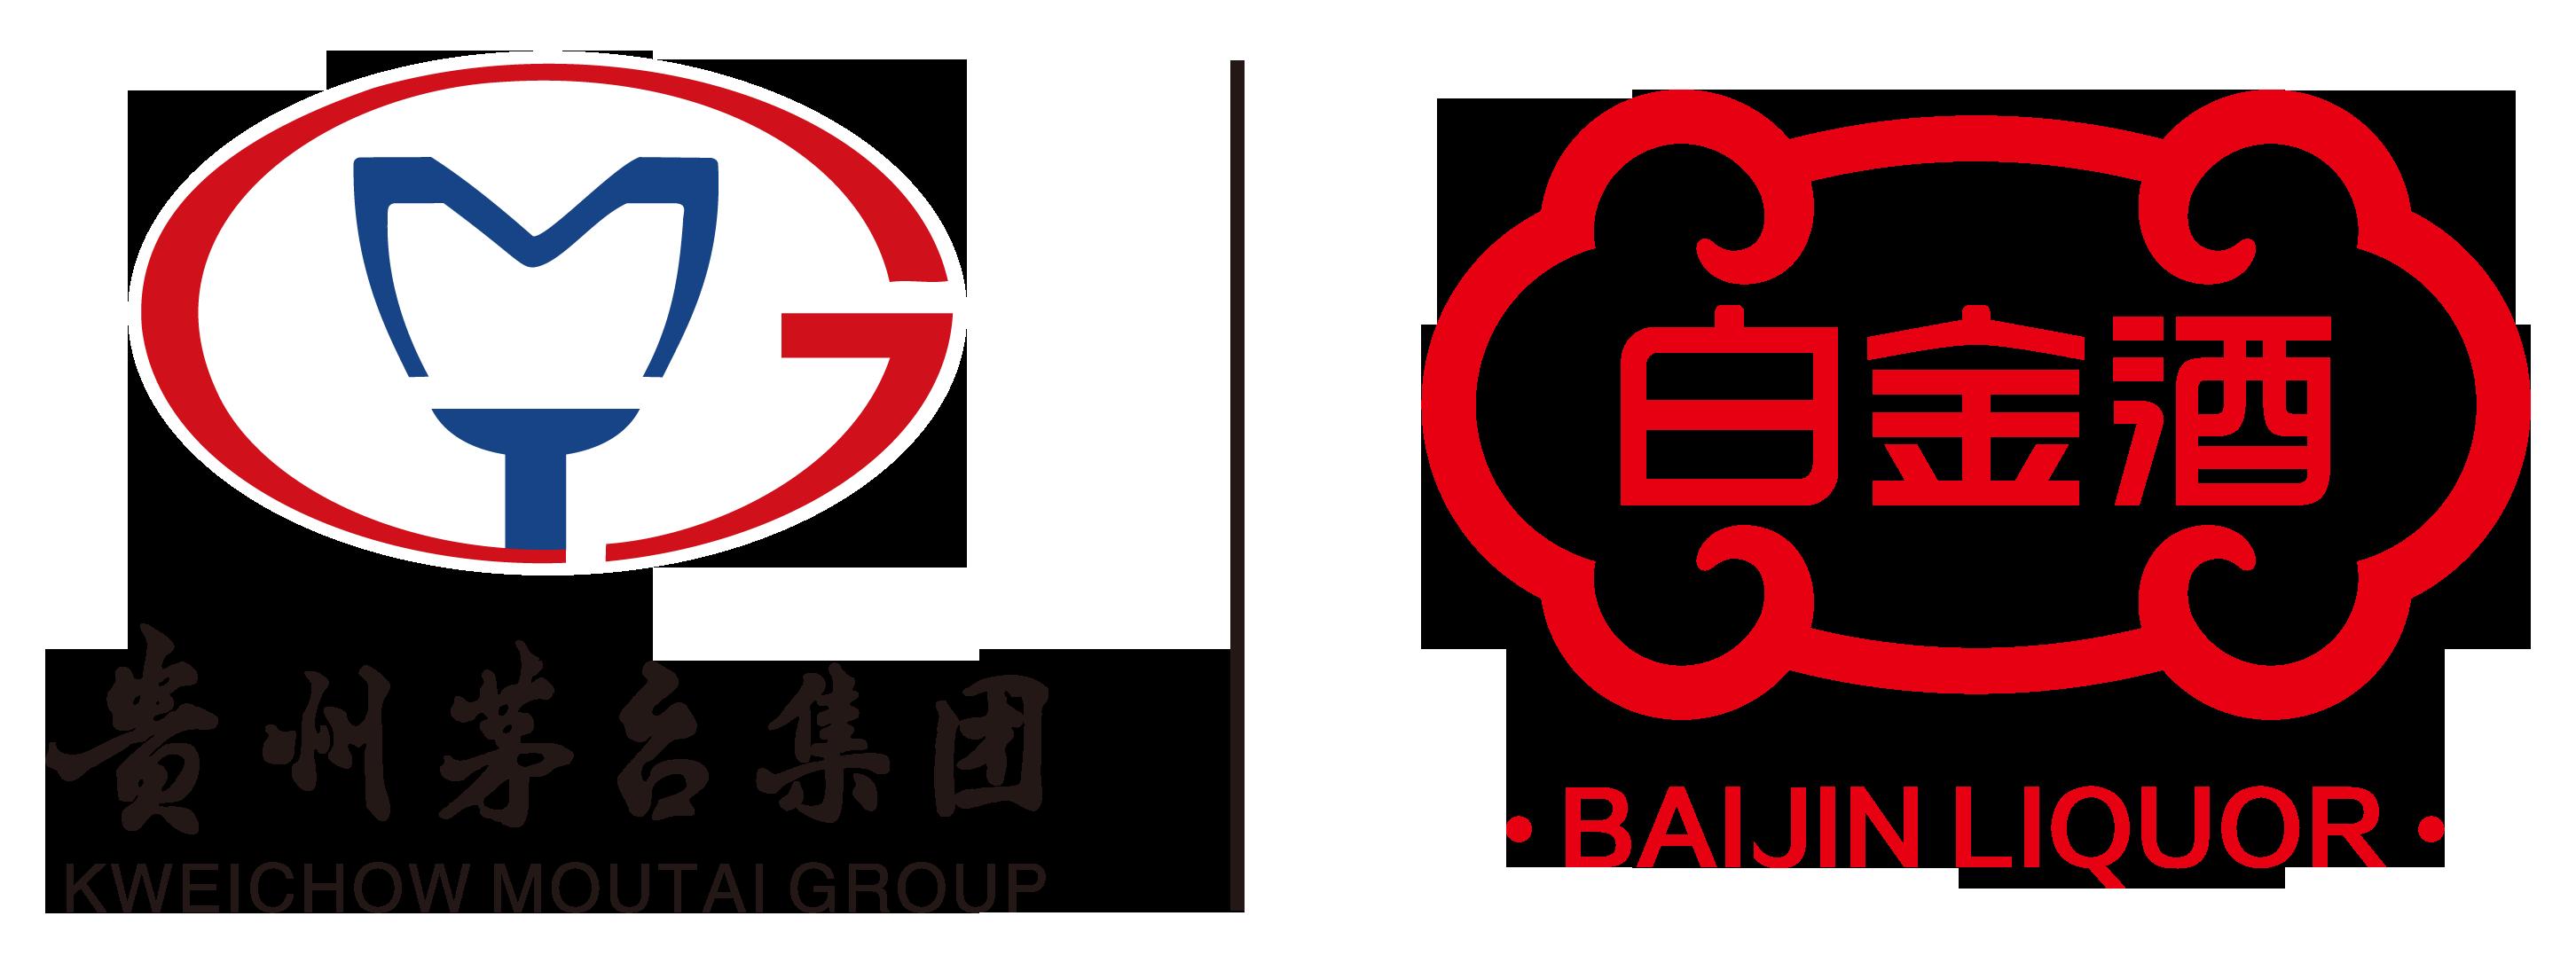 贵州茅台酒厂(集团)白金酒有限责任公司logo